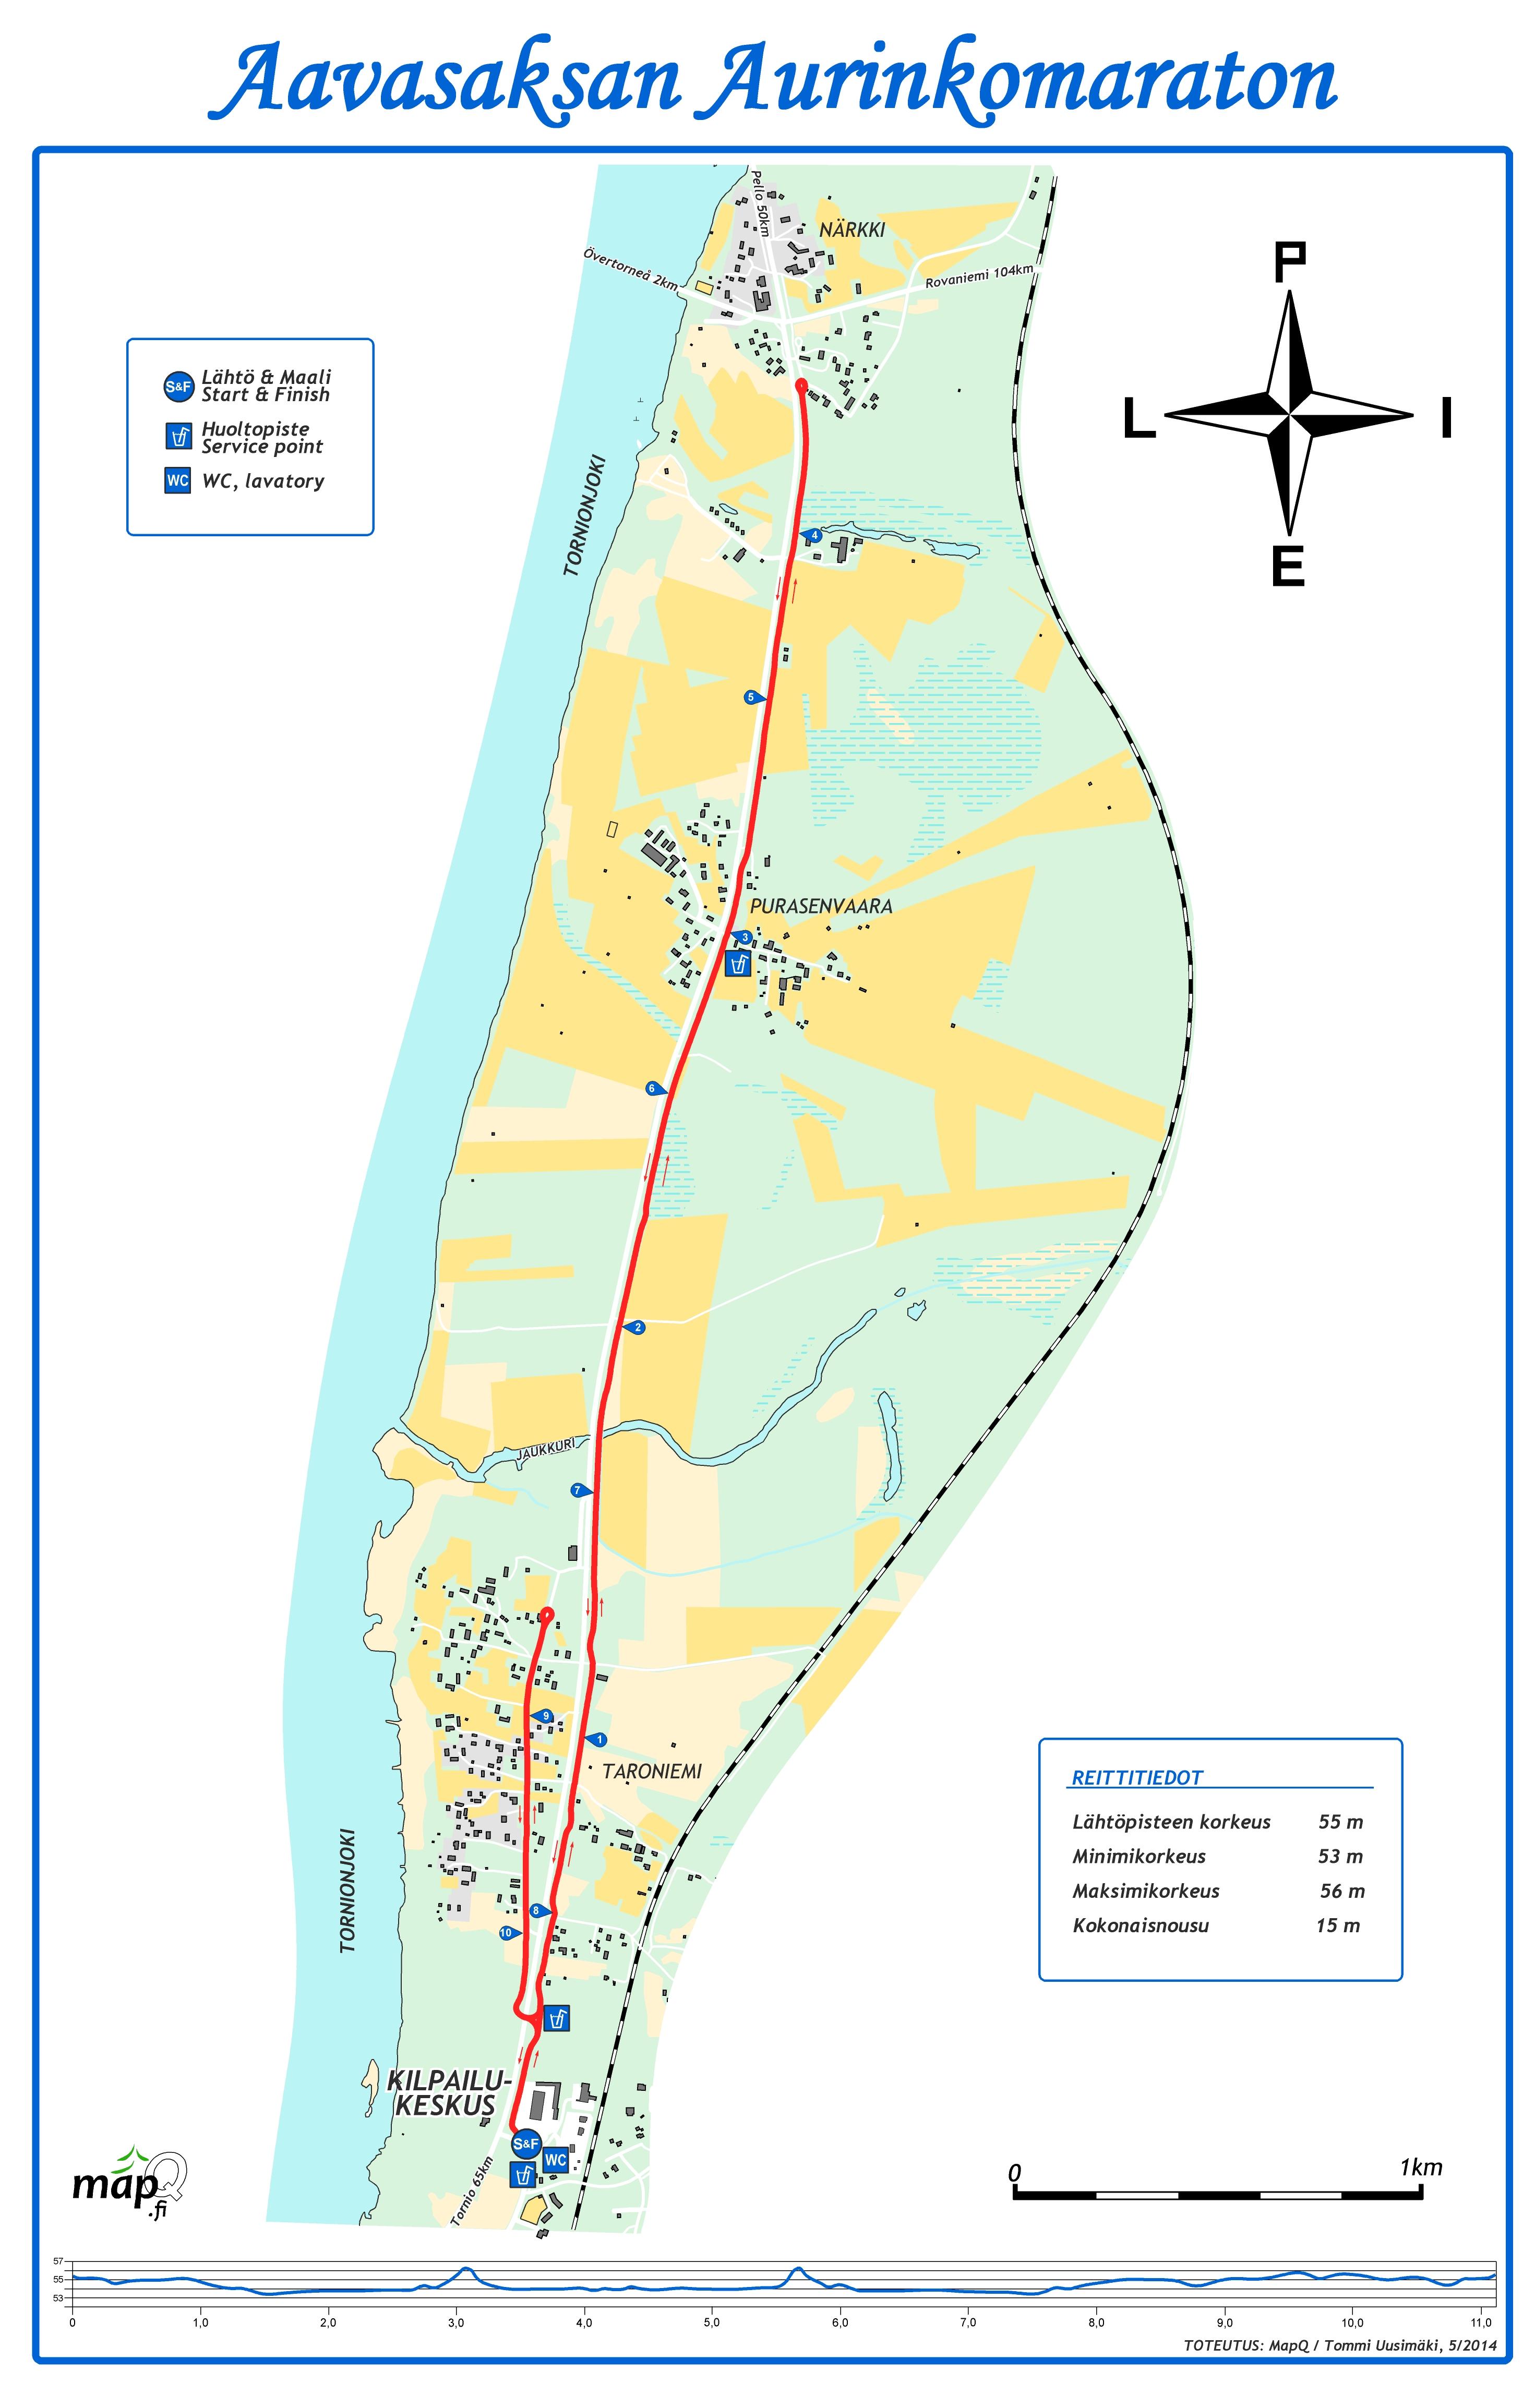 Aurinkomaraton reittikartta 2014